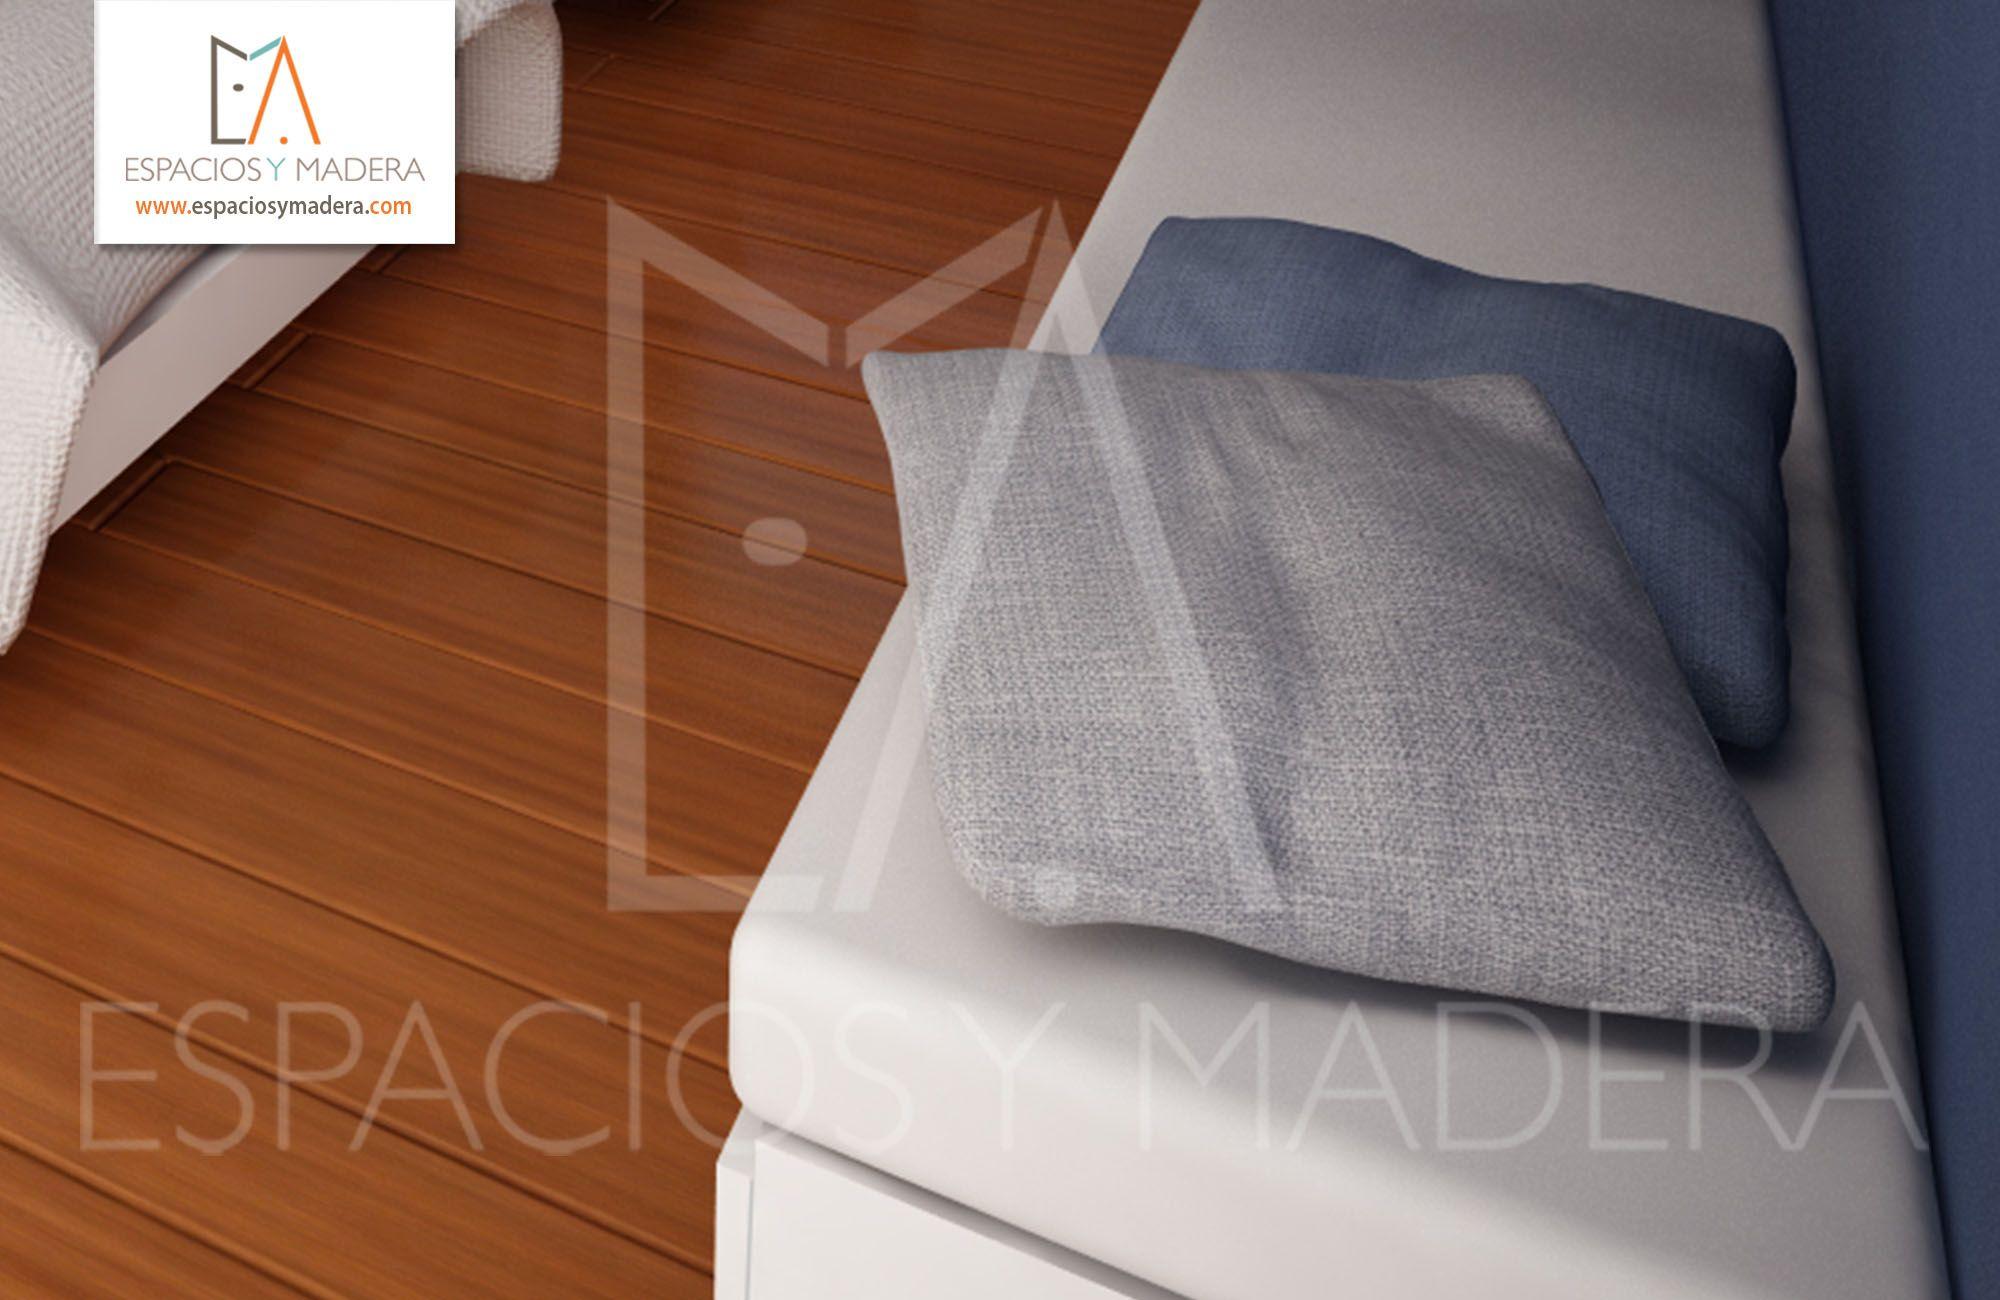 Los tonos azules y neutros son ideales para garantizar el descanso.